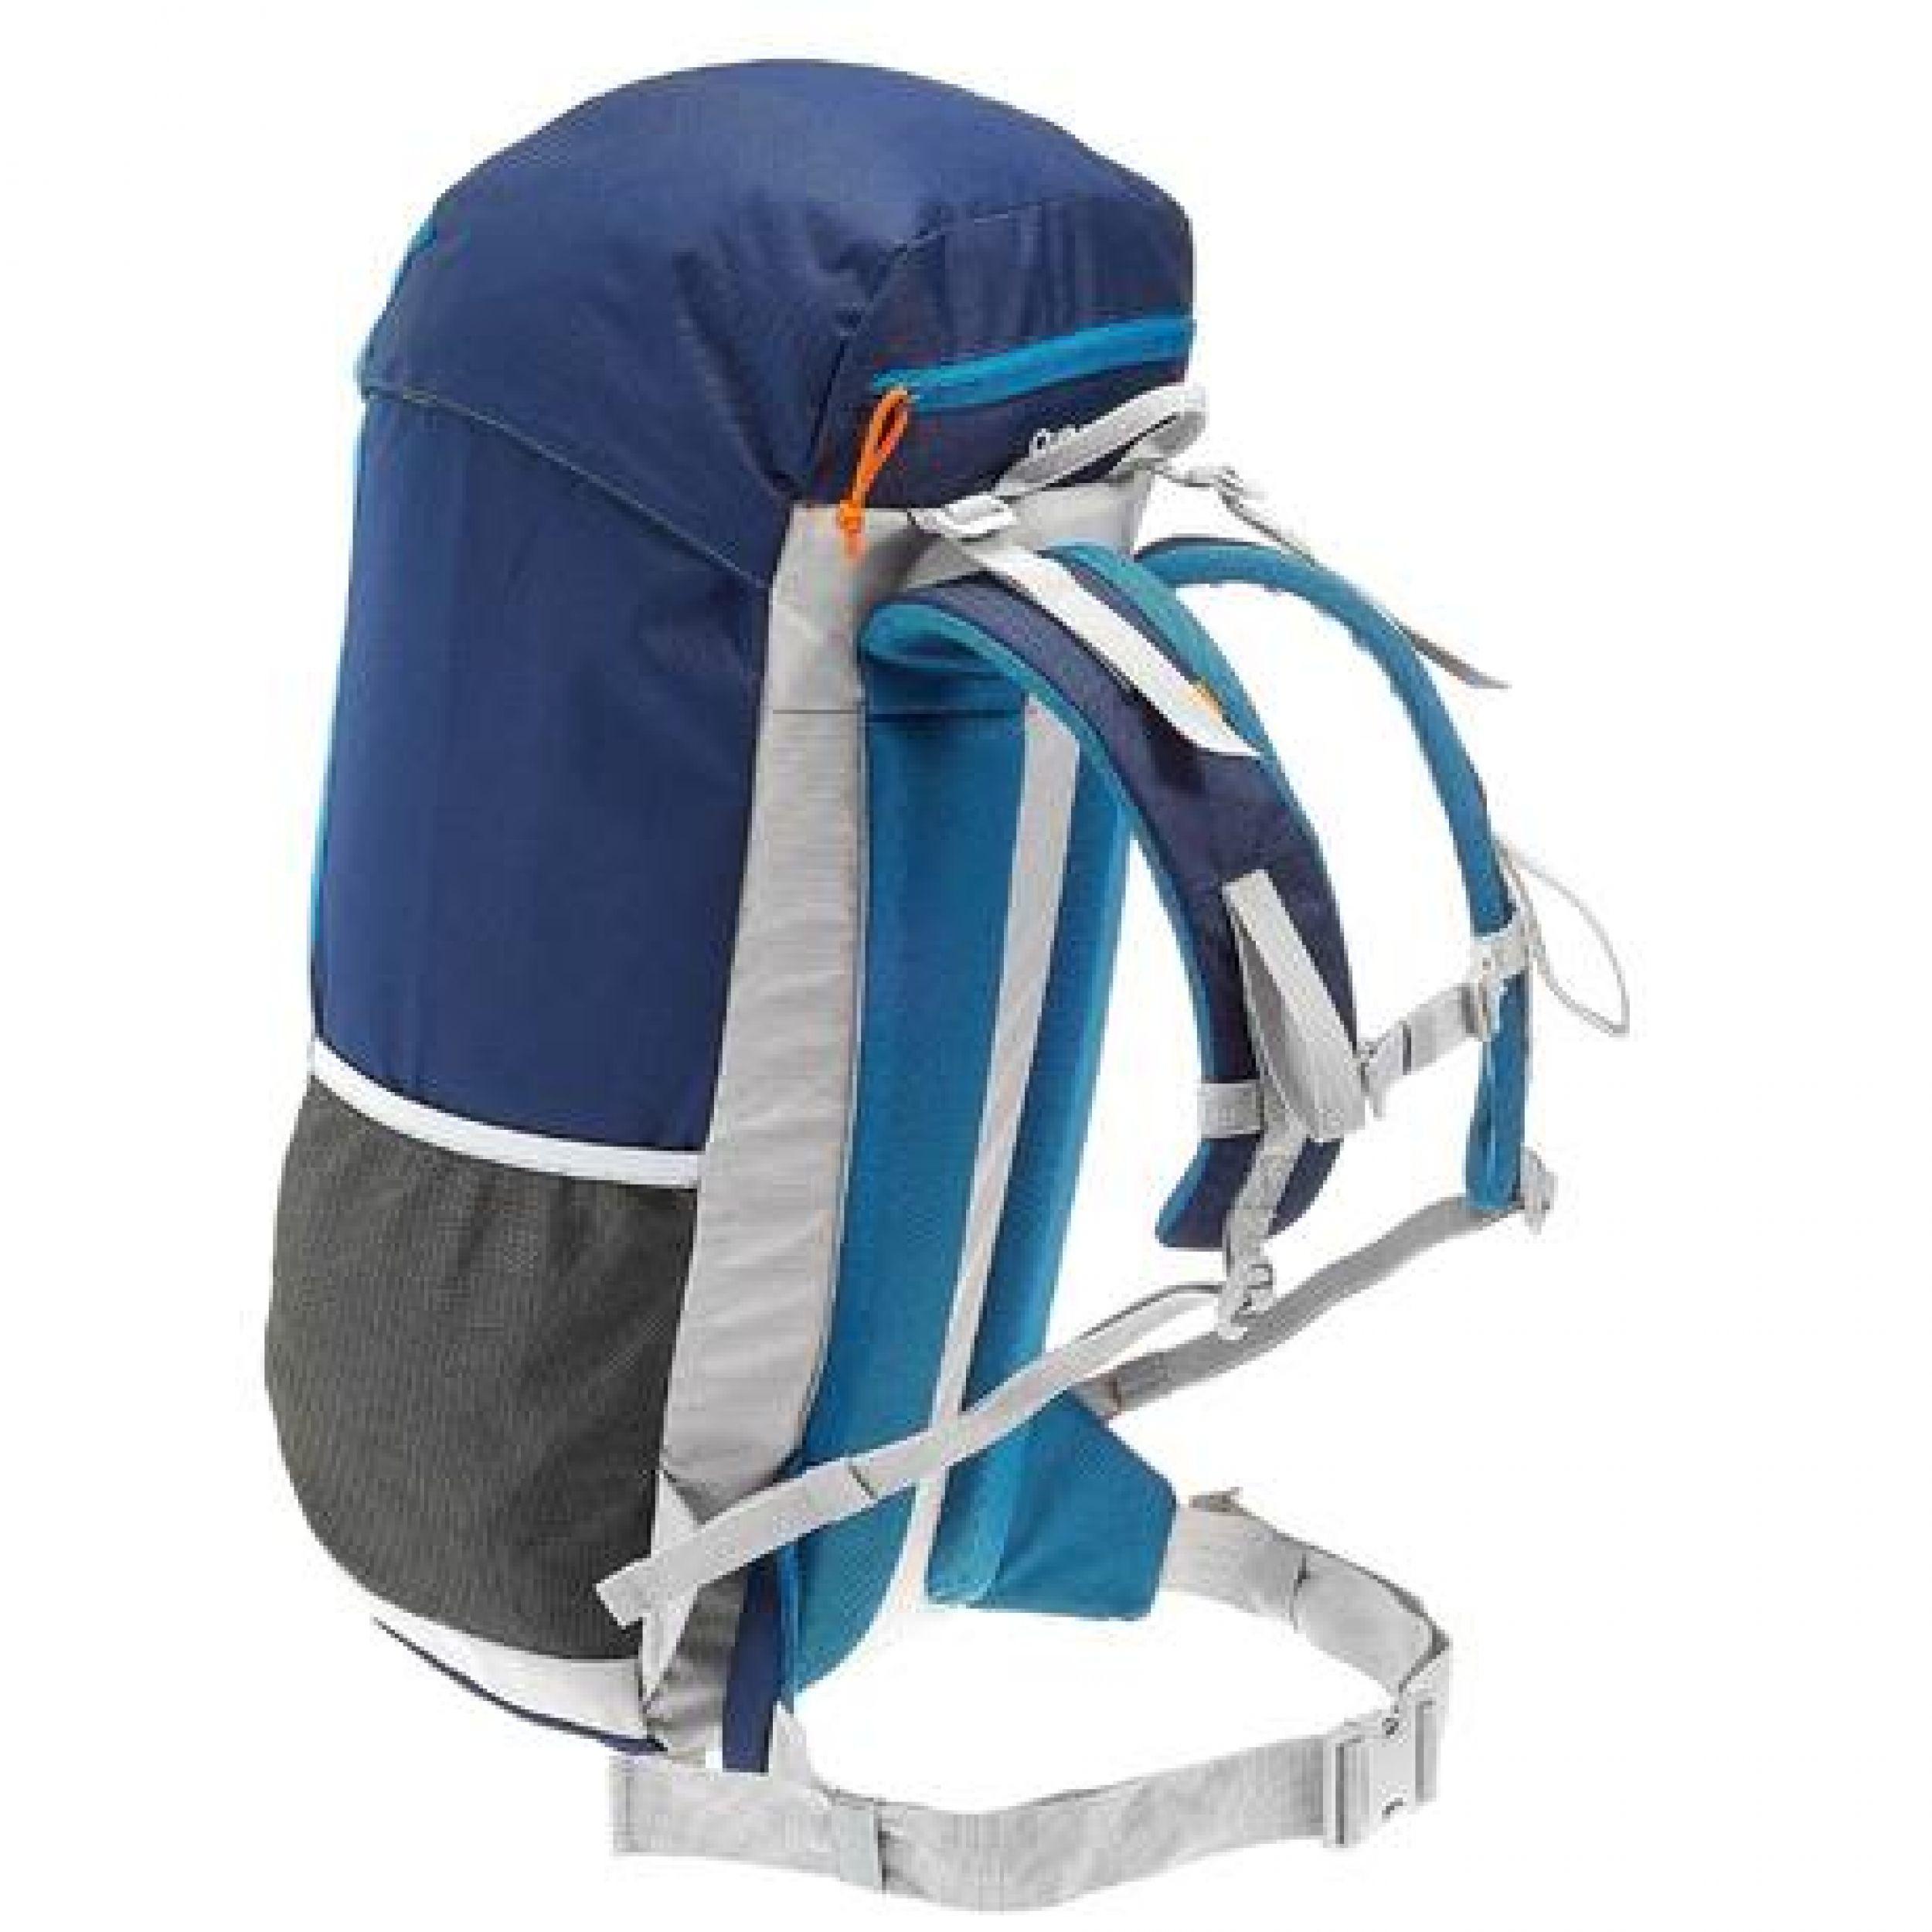 arpenaz_40_litre_backpack_bluegrey_quechua_8332415_415446.jpg